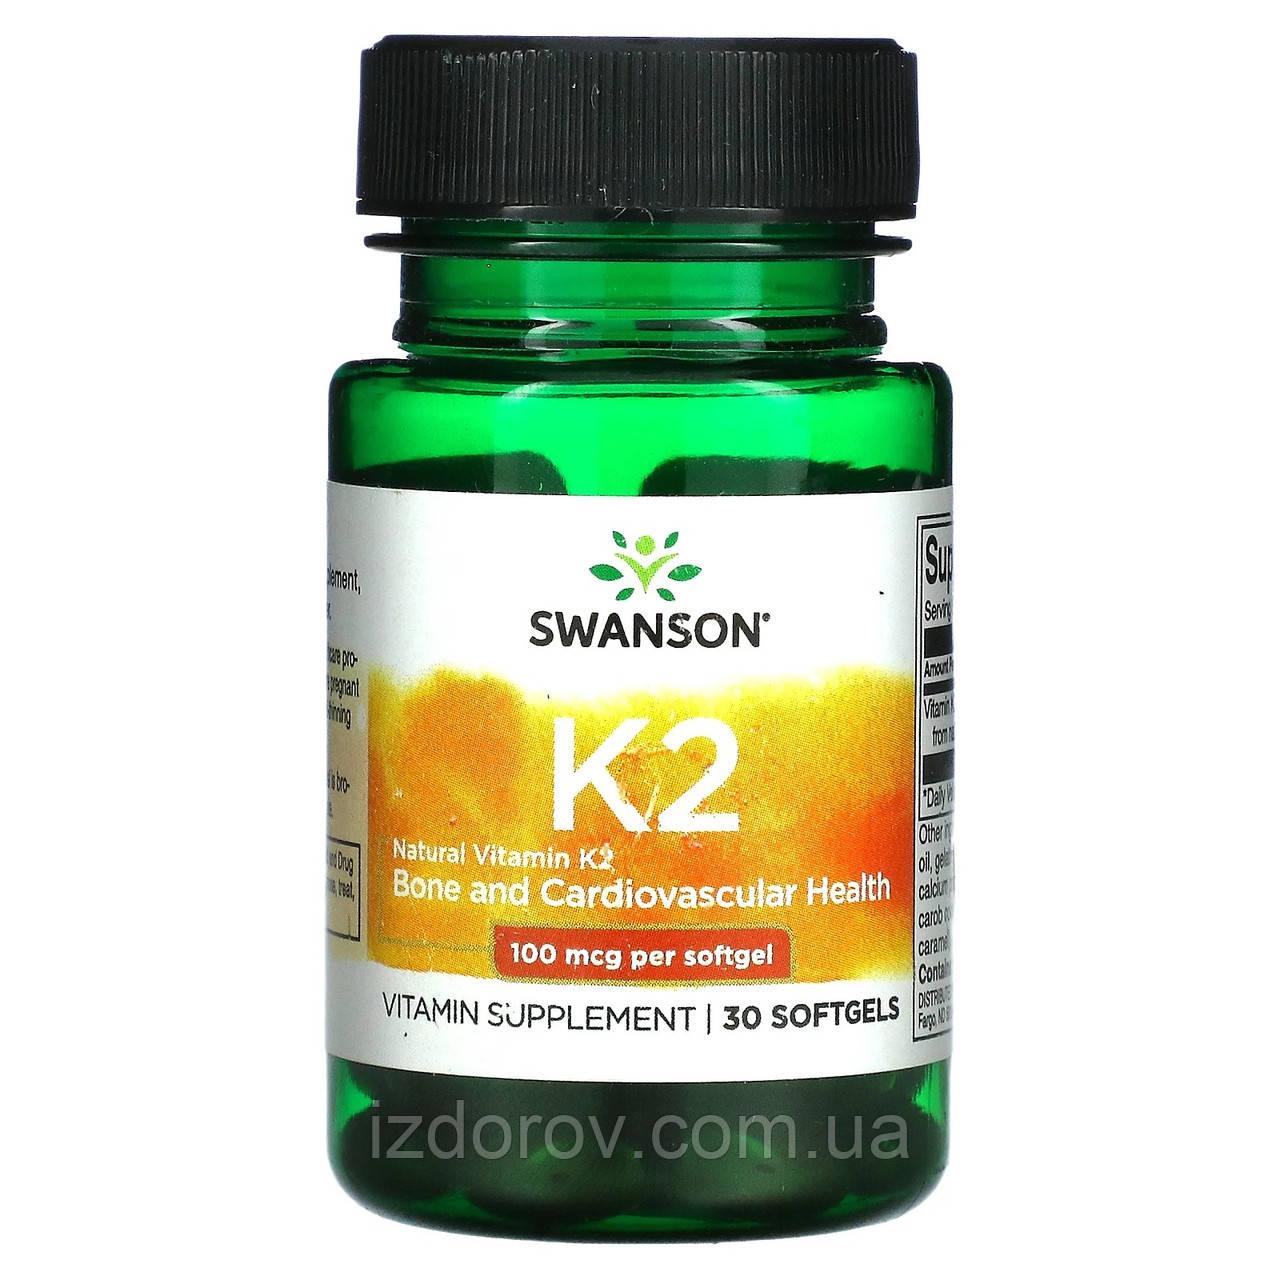 Swanson, Вітамін K2, 100 мкг, для здоров'я кісток і серцево-судинної системи, 30 капсул